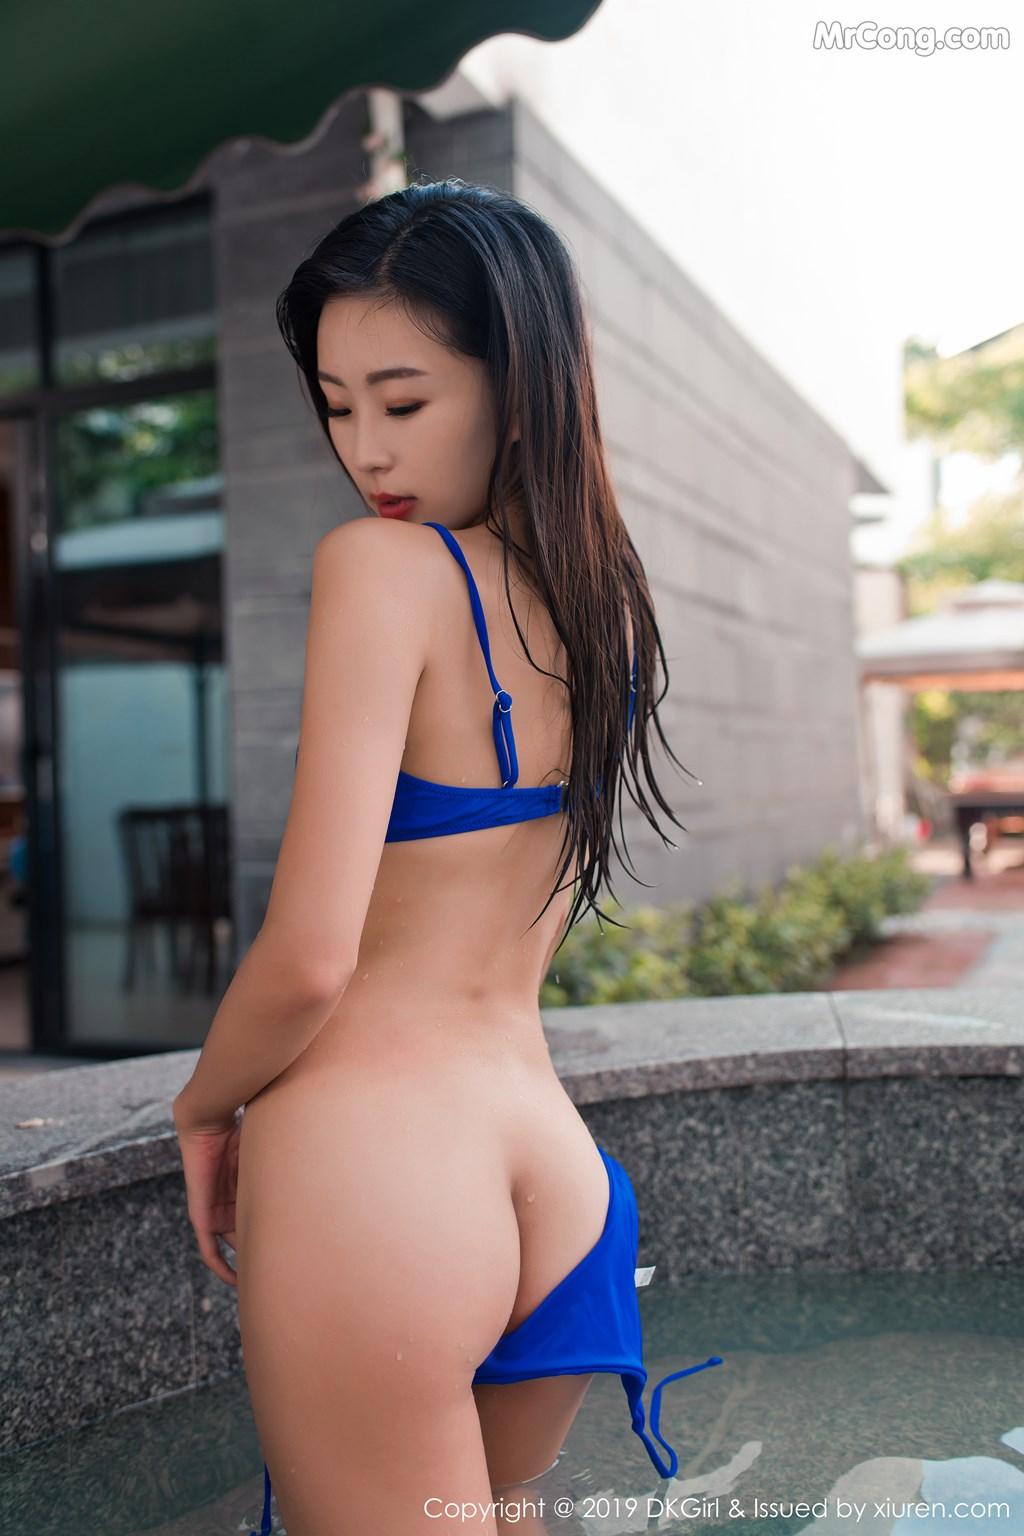 Image DKGirl-Vol.117-Alice-MrCong.com-027 in post DKGirl Vol.117: 小子怡Alice (41 ảnh)